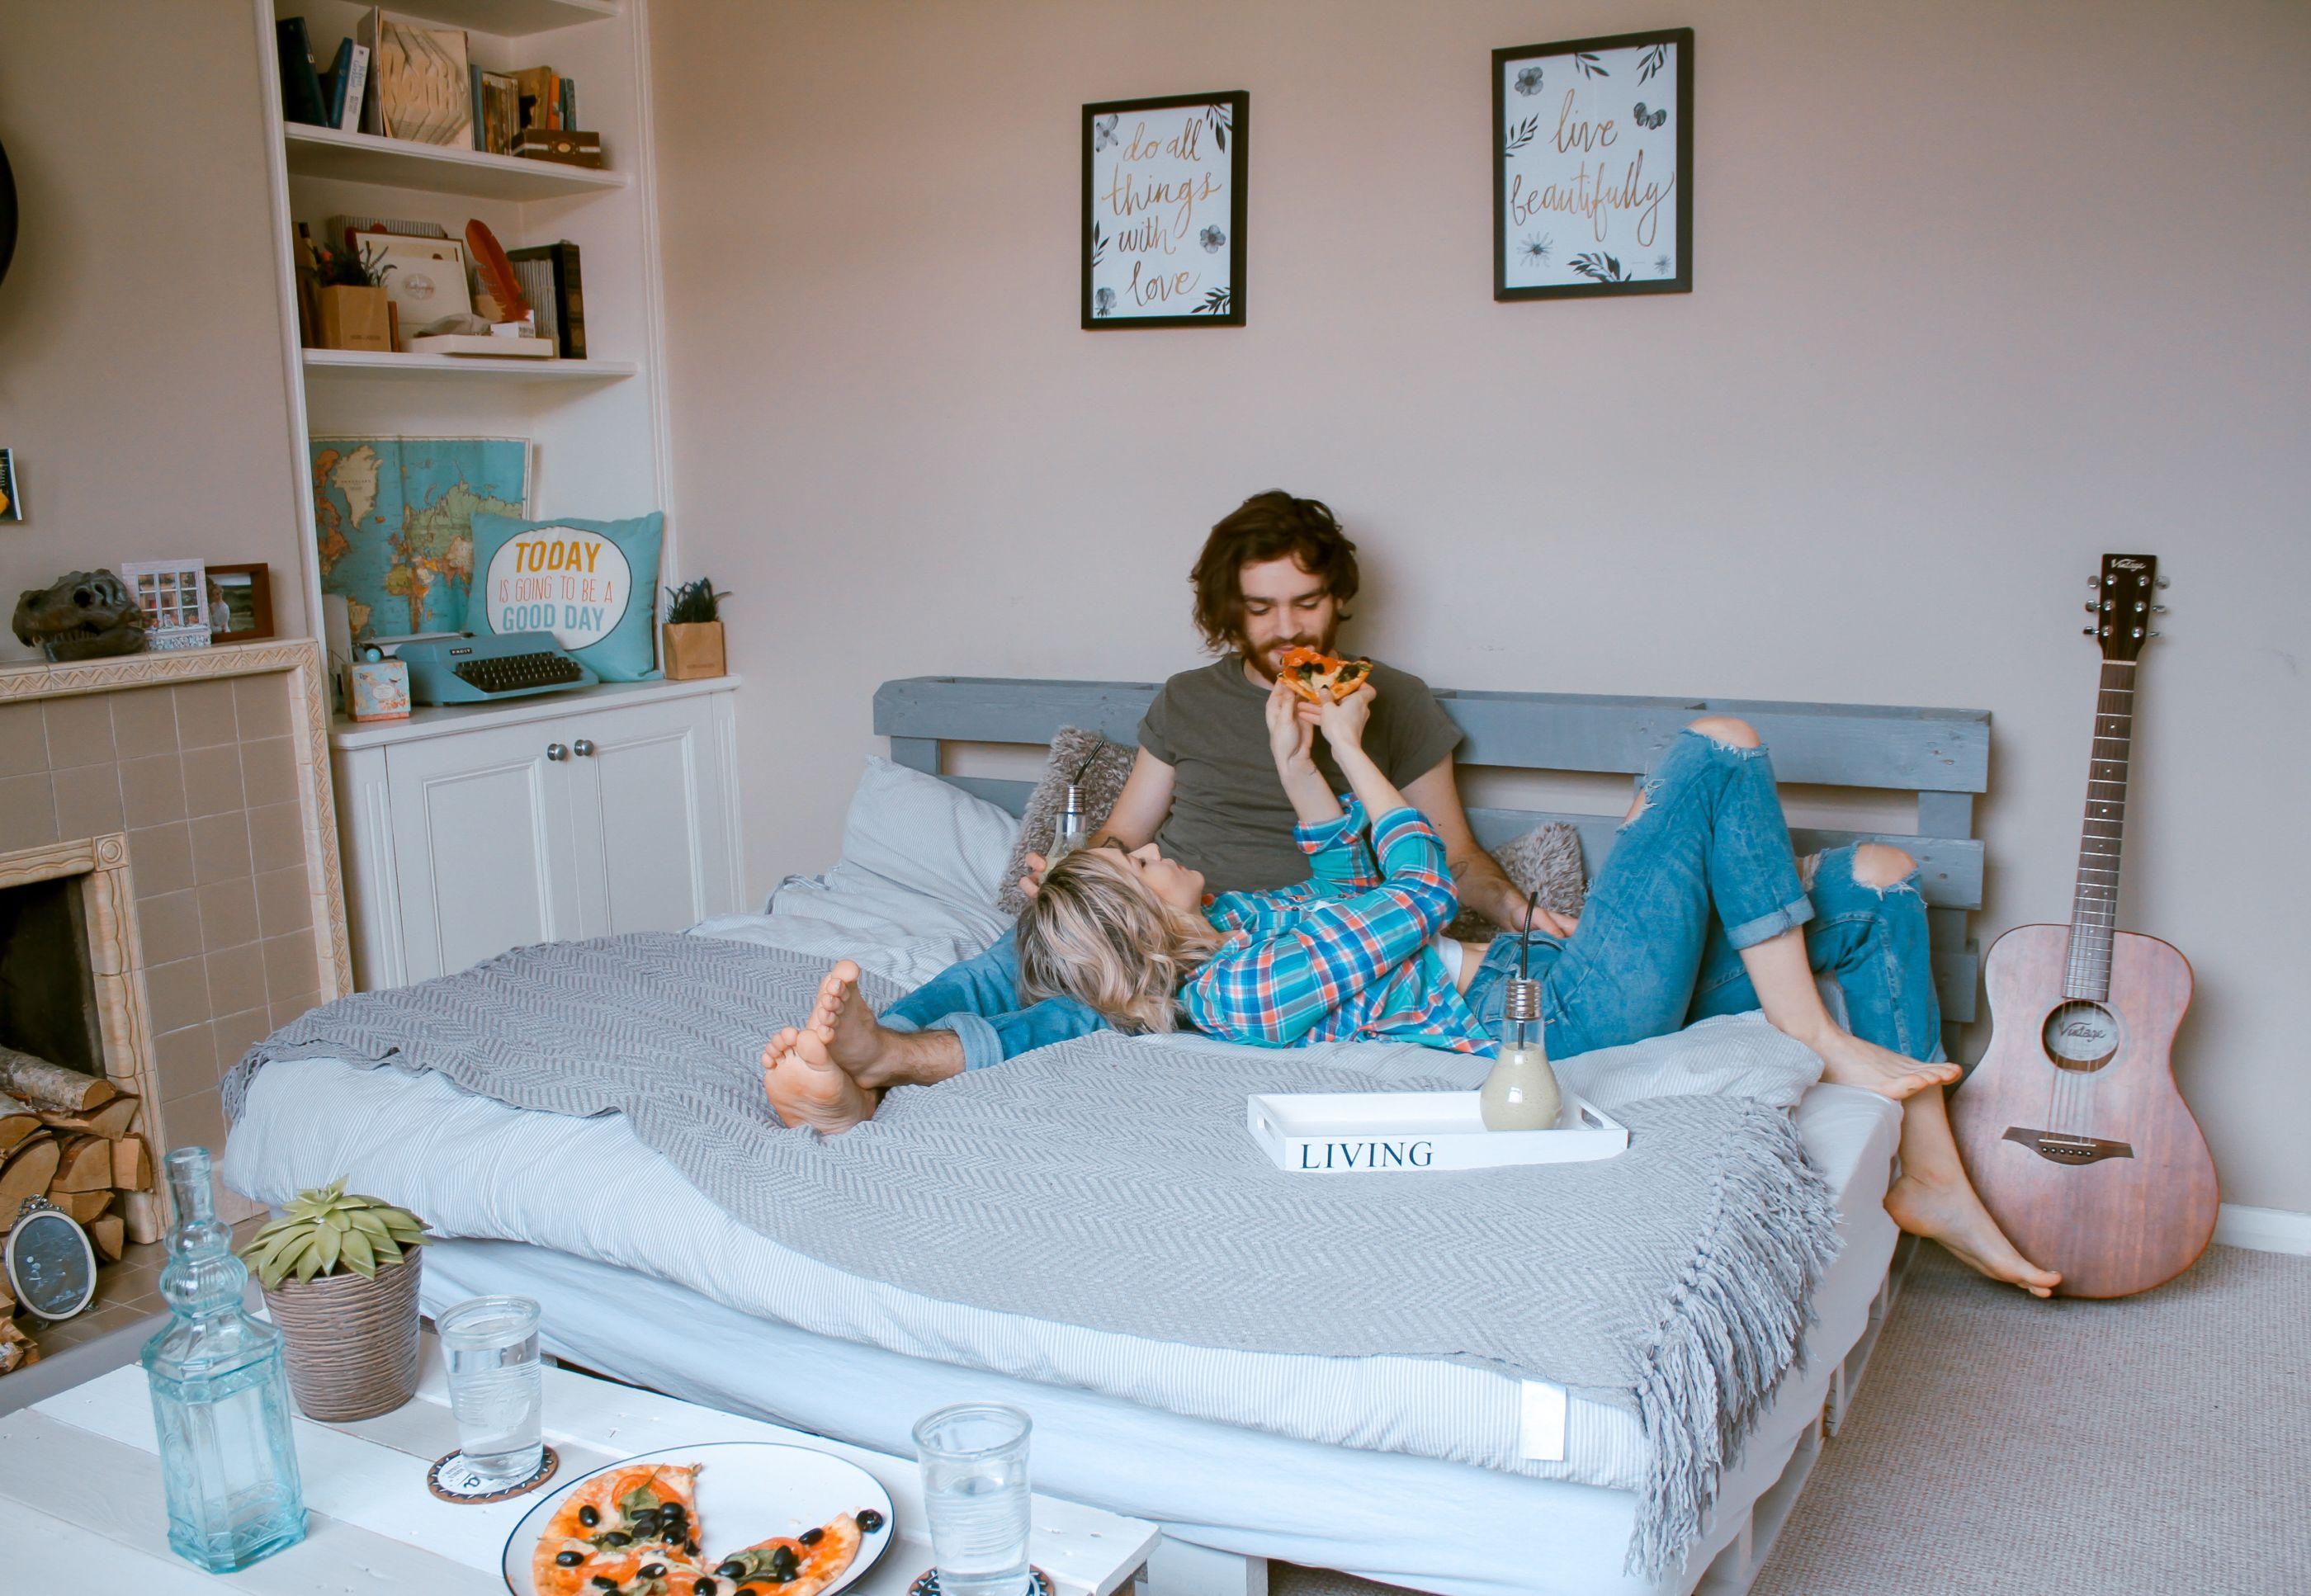 Celebra el 14 de febrero en casa con estas ideas románticas